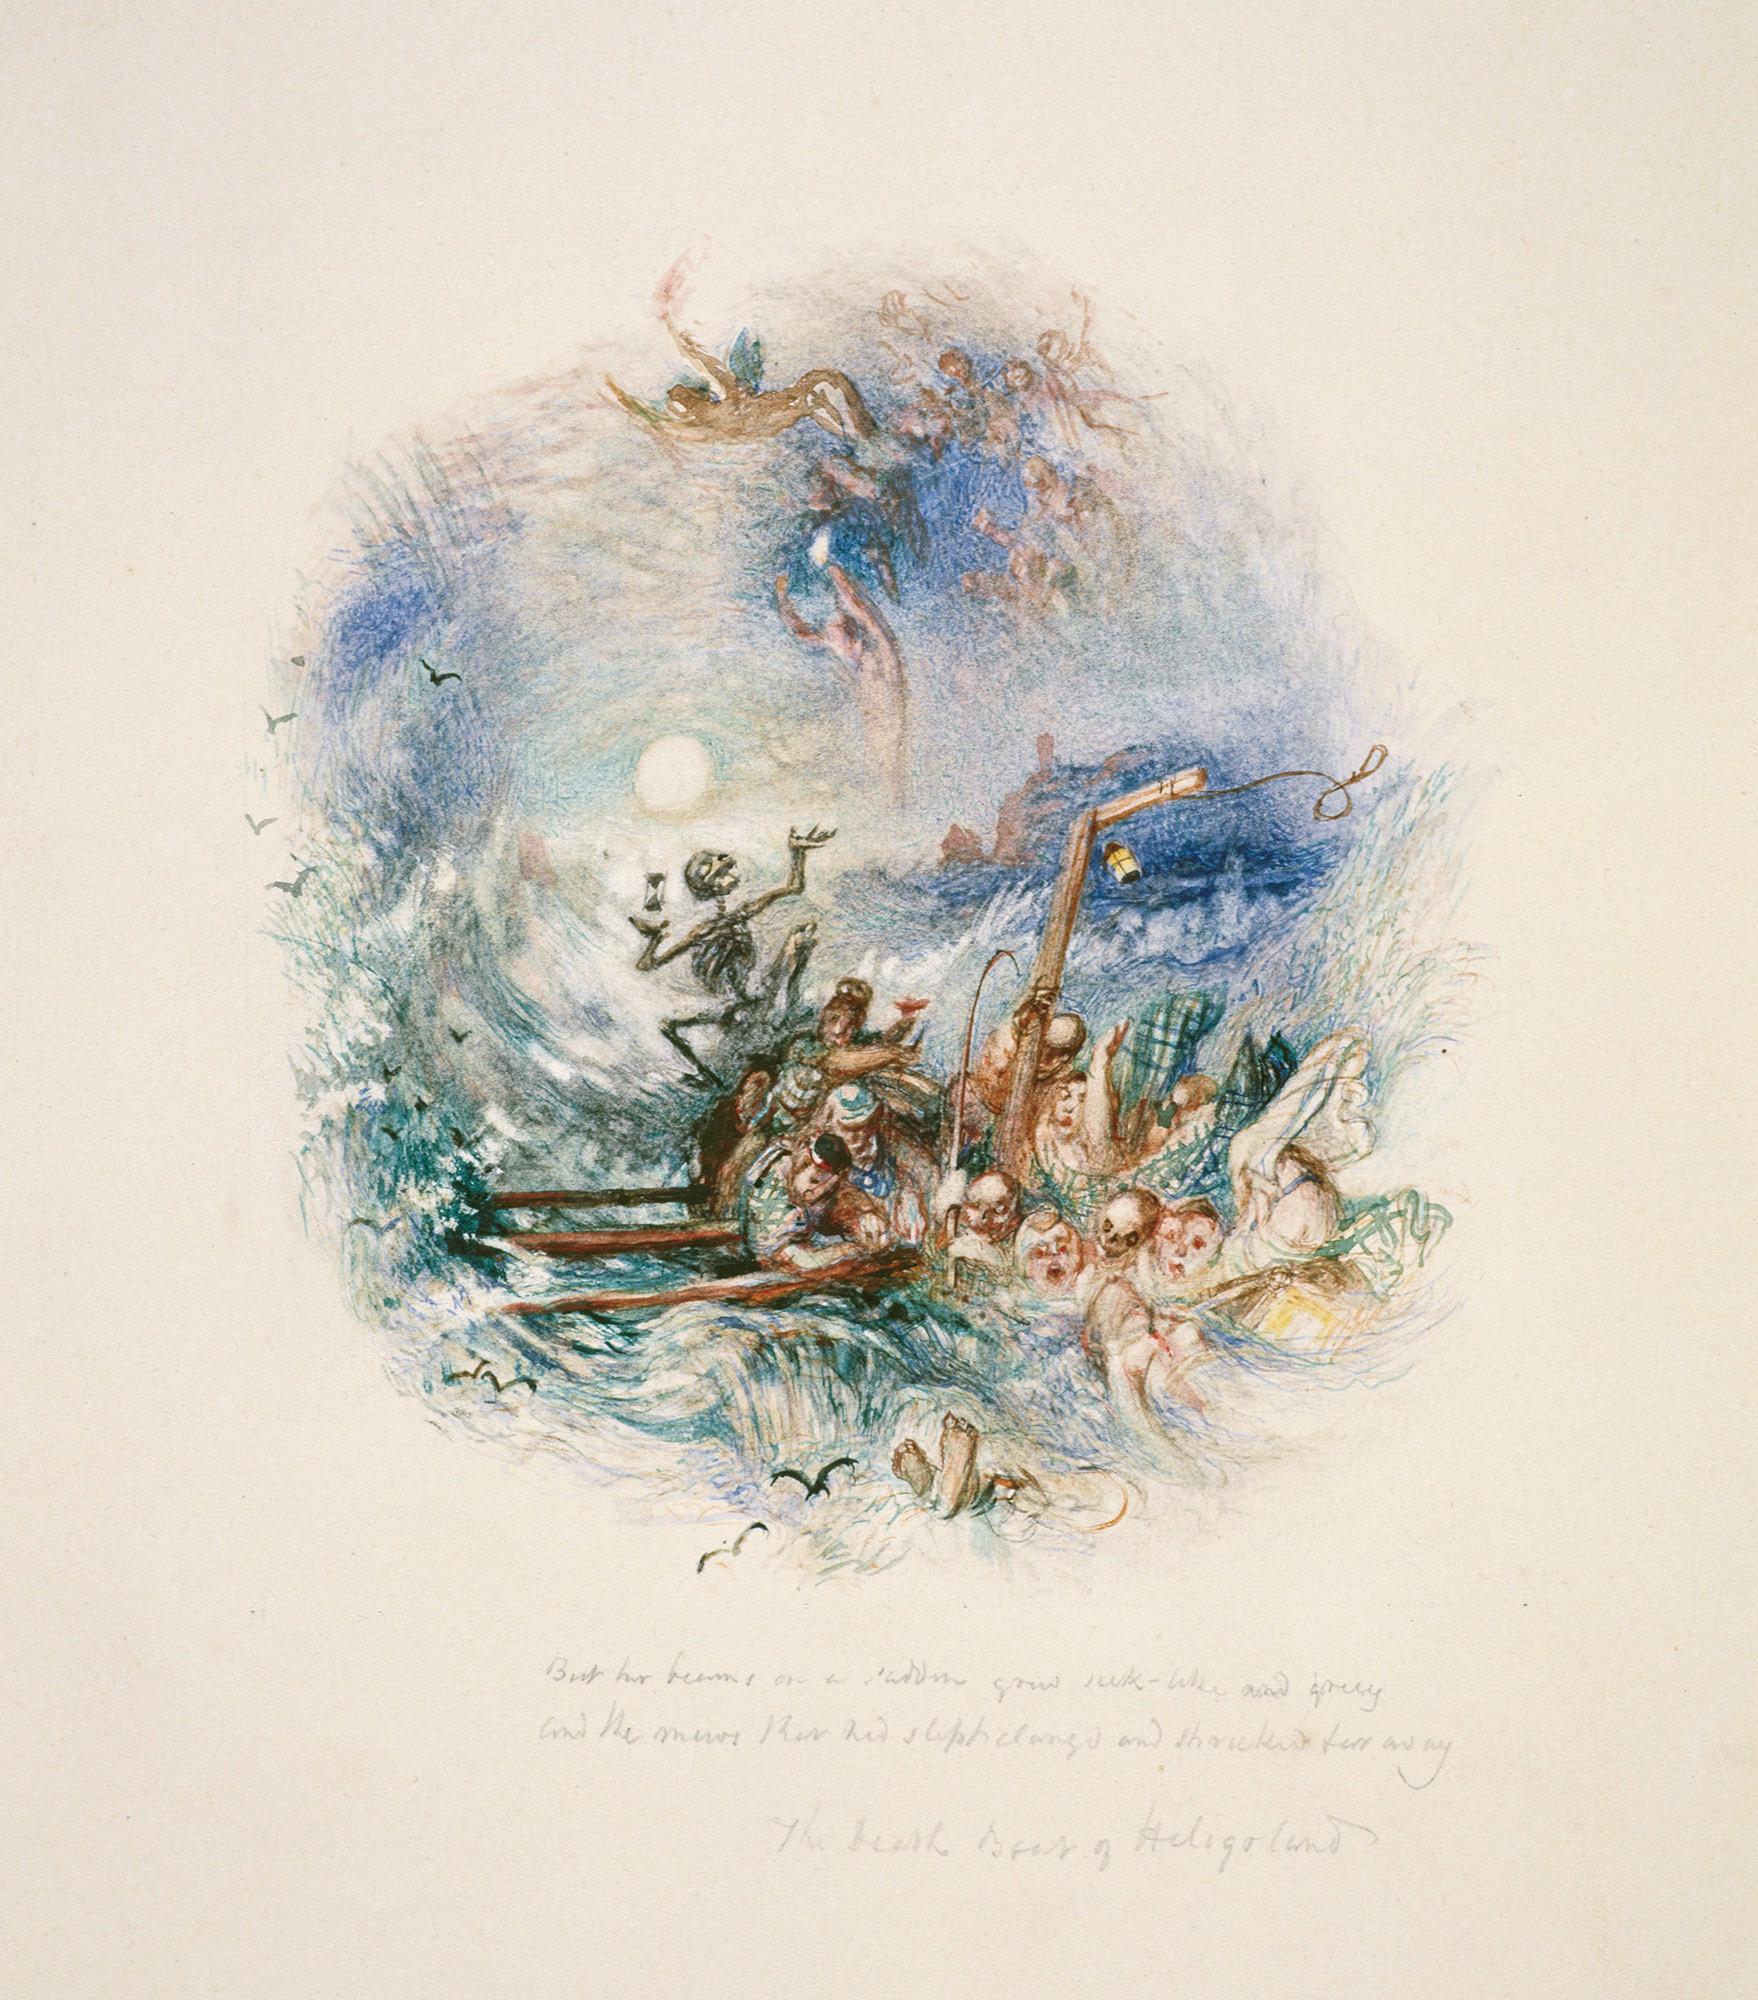 《20ヴィニェットのうちの1点-ヘルゴラントの死の舟》 1835年頃 水彩、鉛筆・紙 13×12cm エディンバラ、スコットランド国立美術館群 (c)Trustees of the National Galleries of Scotland